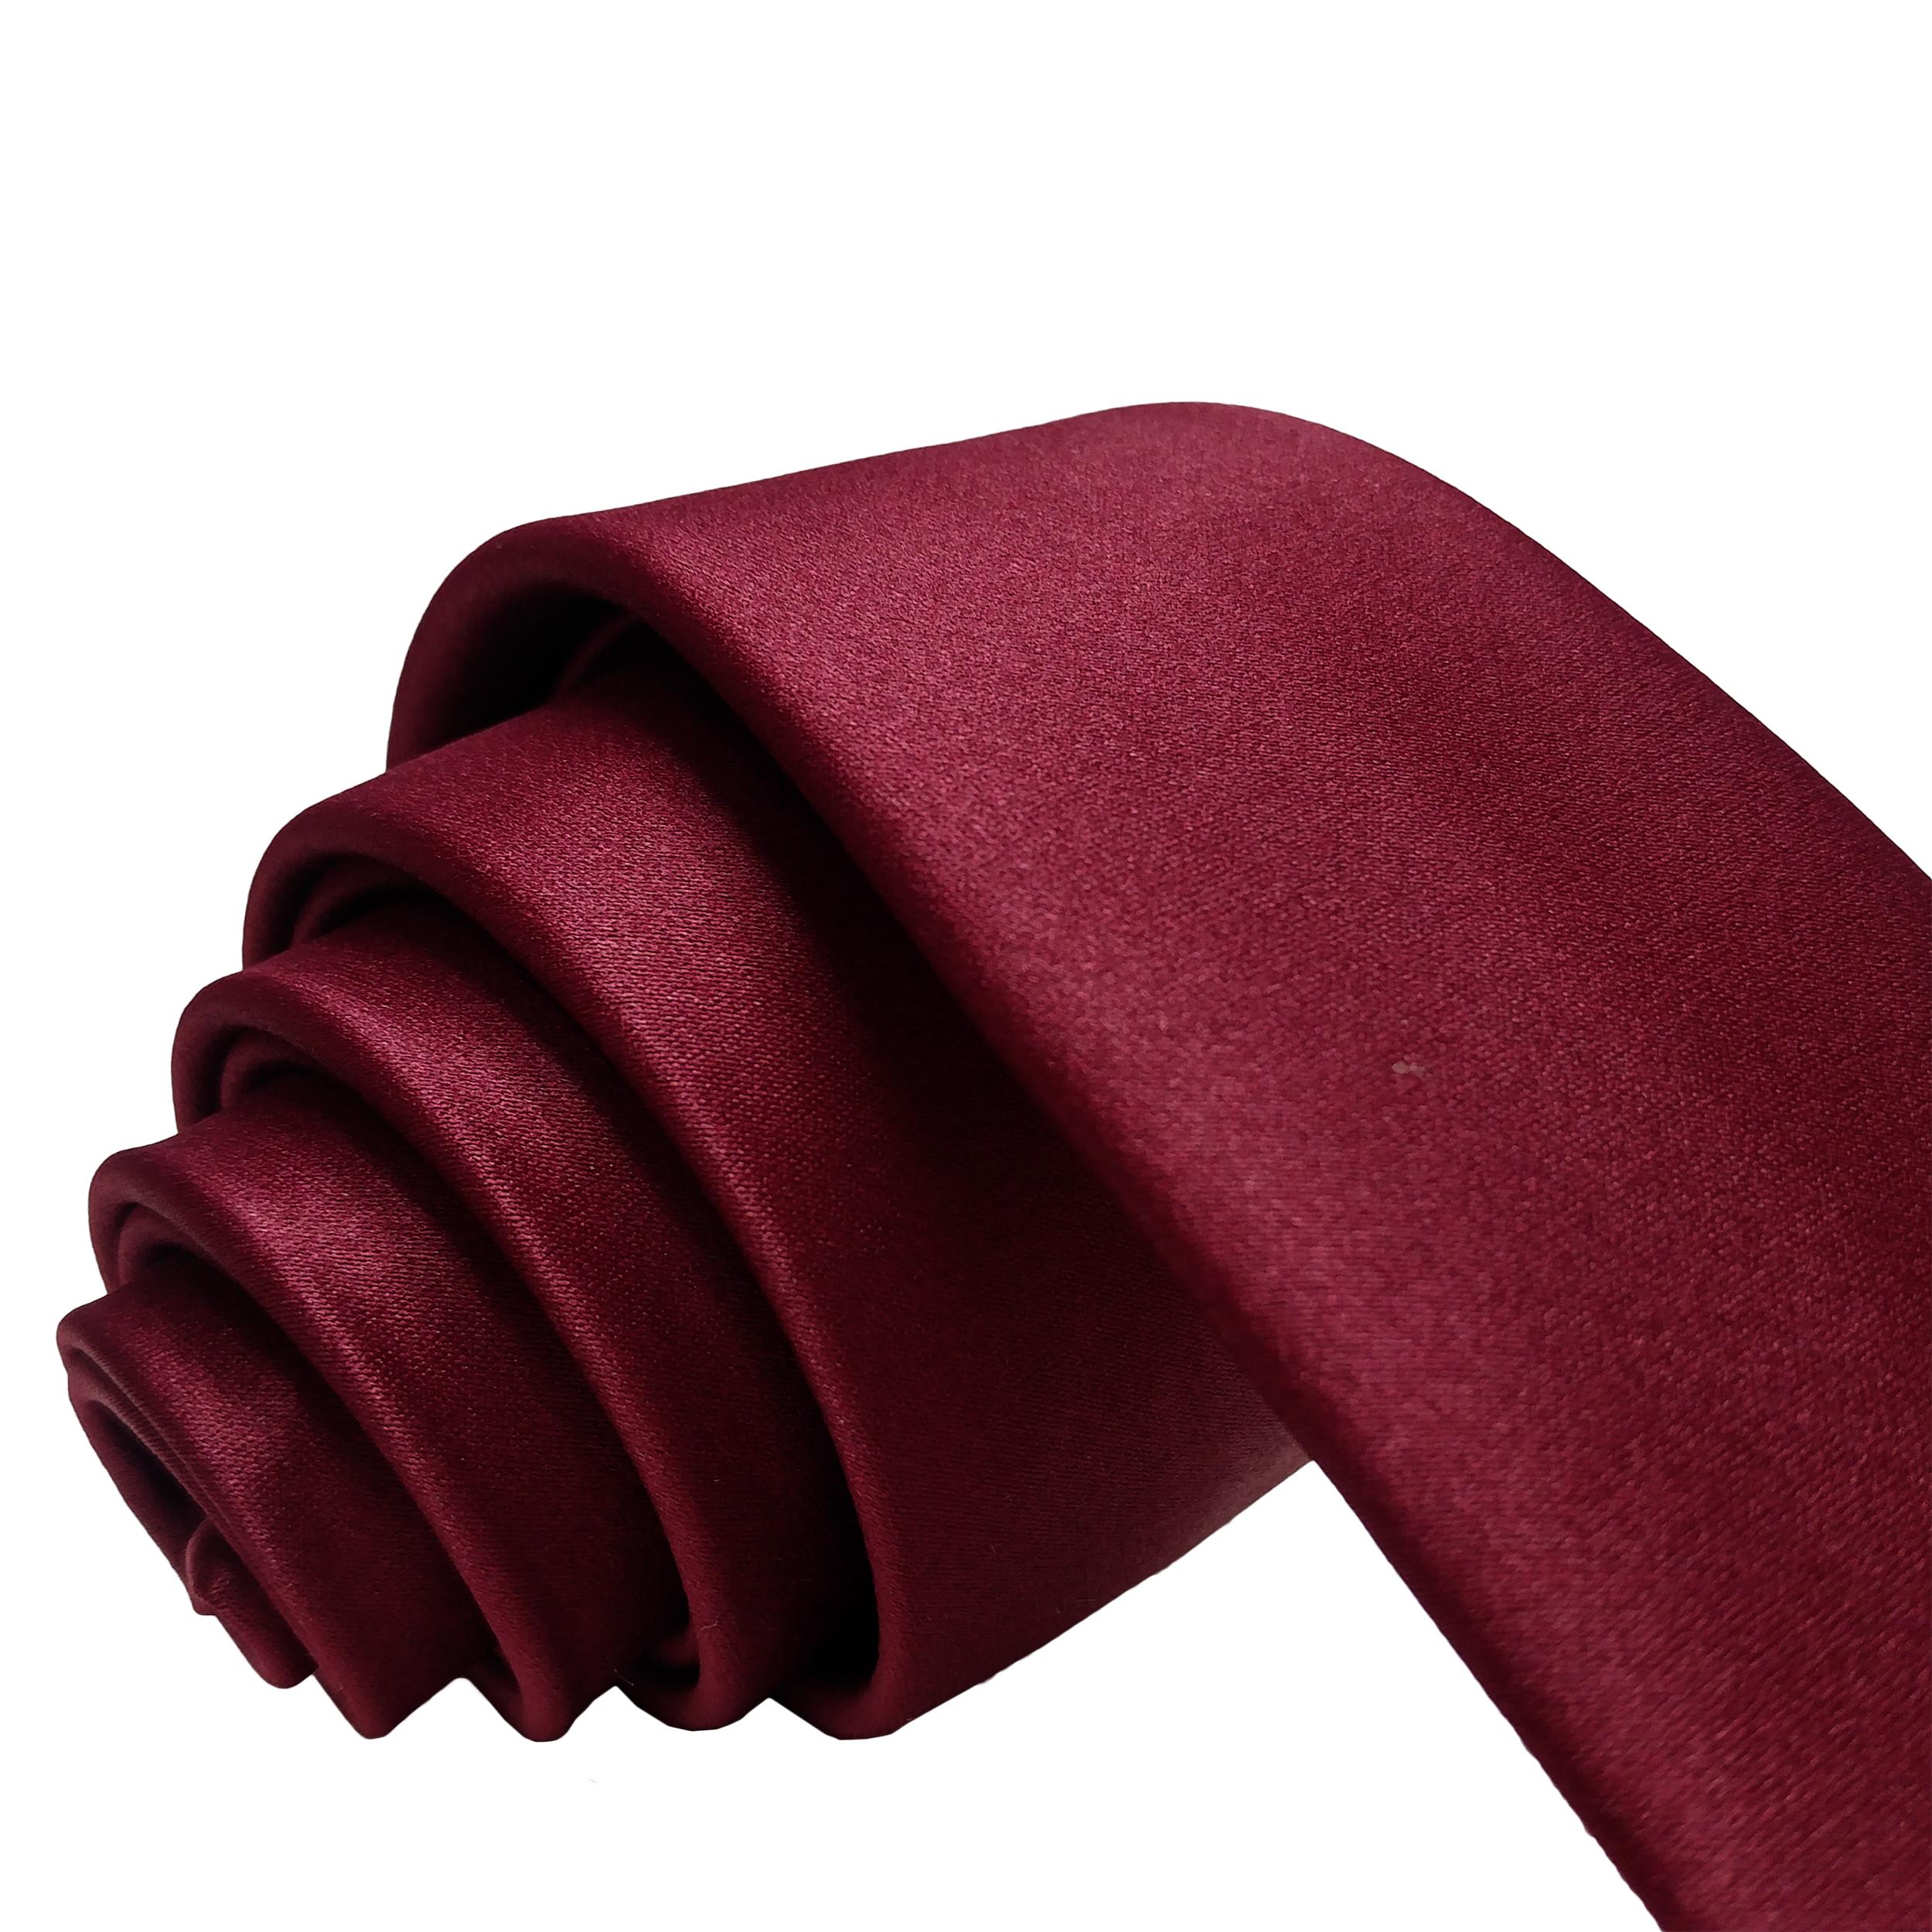 ست کراوات و پاپیون مردانه کد G -  - 7